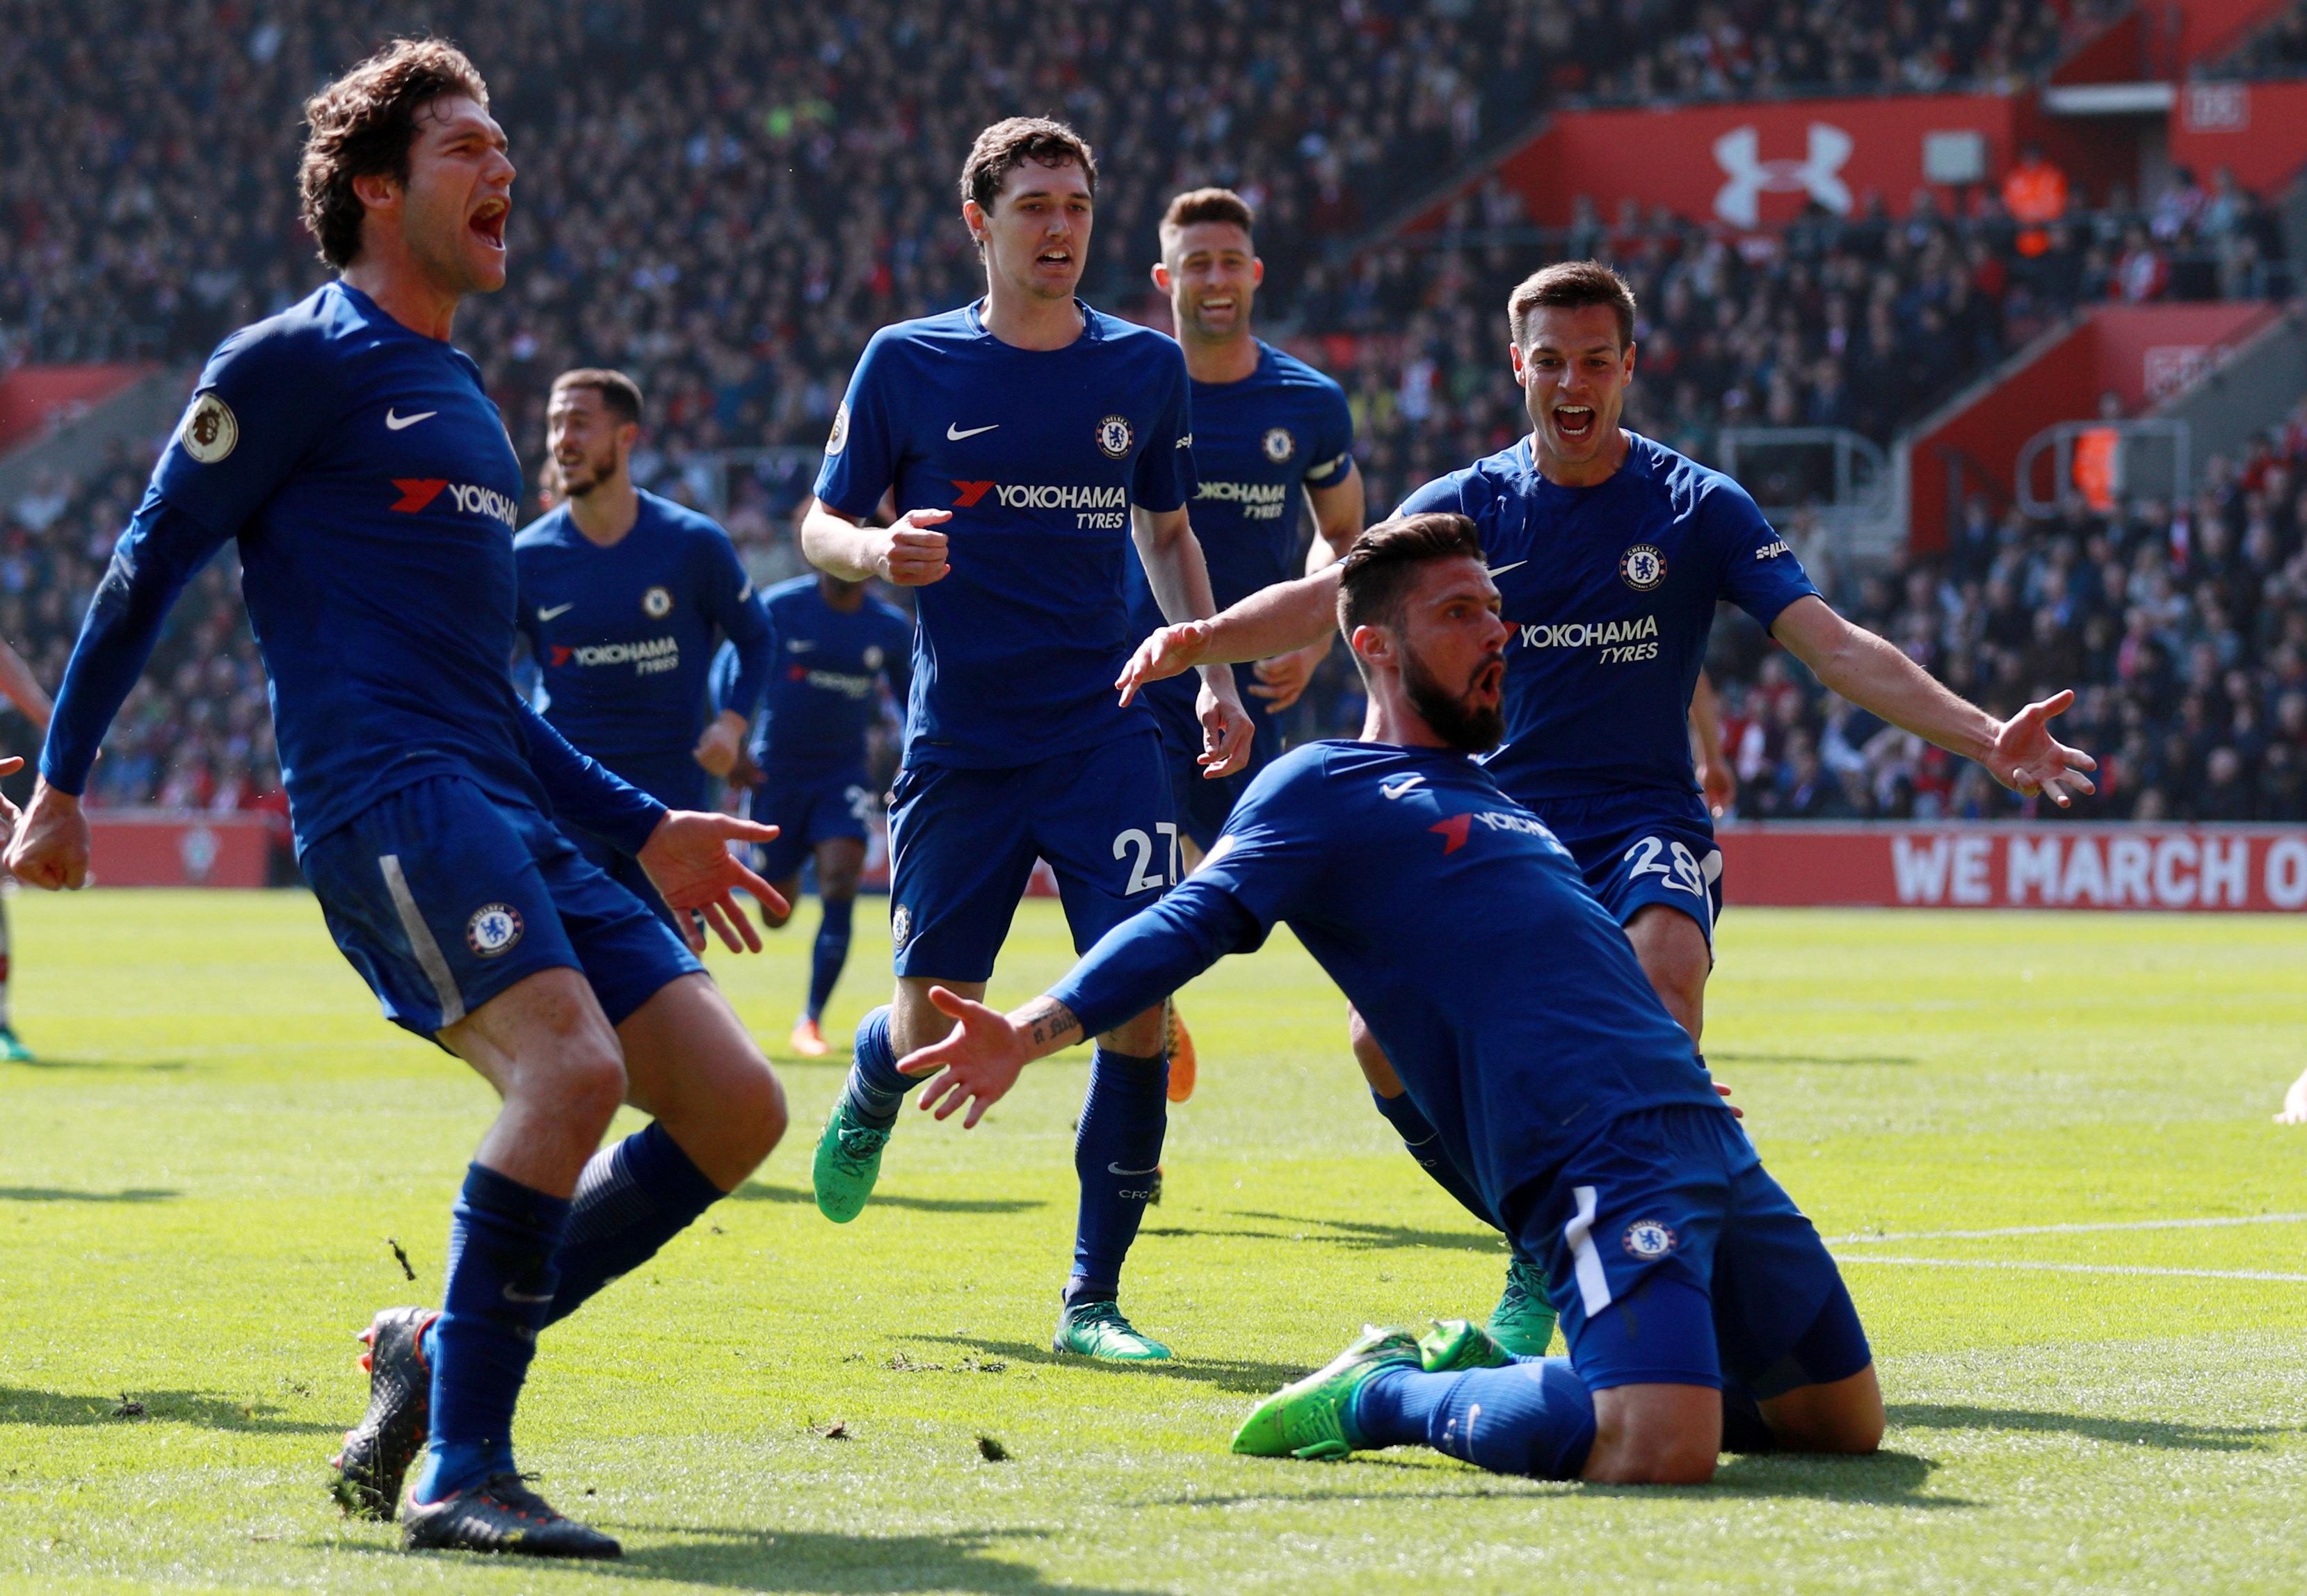 Niềm vui của các cầu thủ Chelsea sau khi Giroud nâng tỉ số lên 3-2. Ảnh: REUTERS